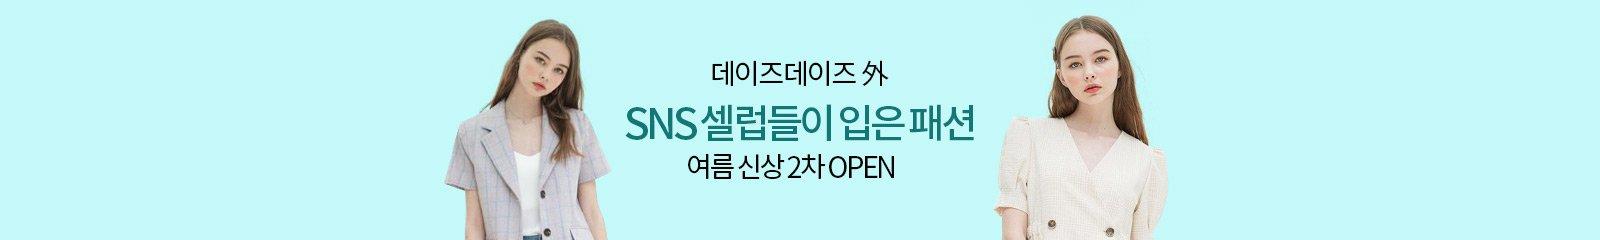 [롯데백화점] 영패션 여름 신상대전